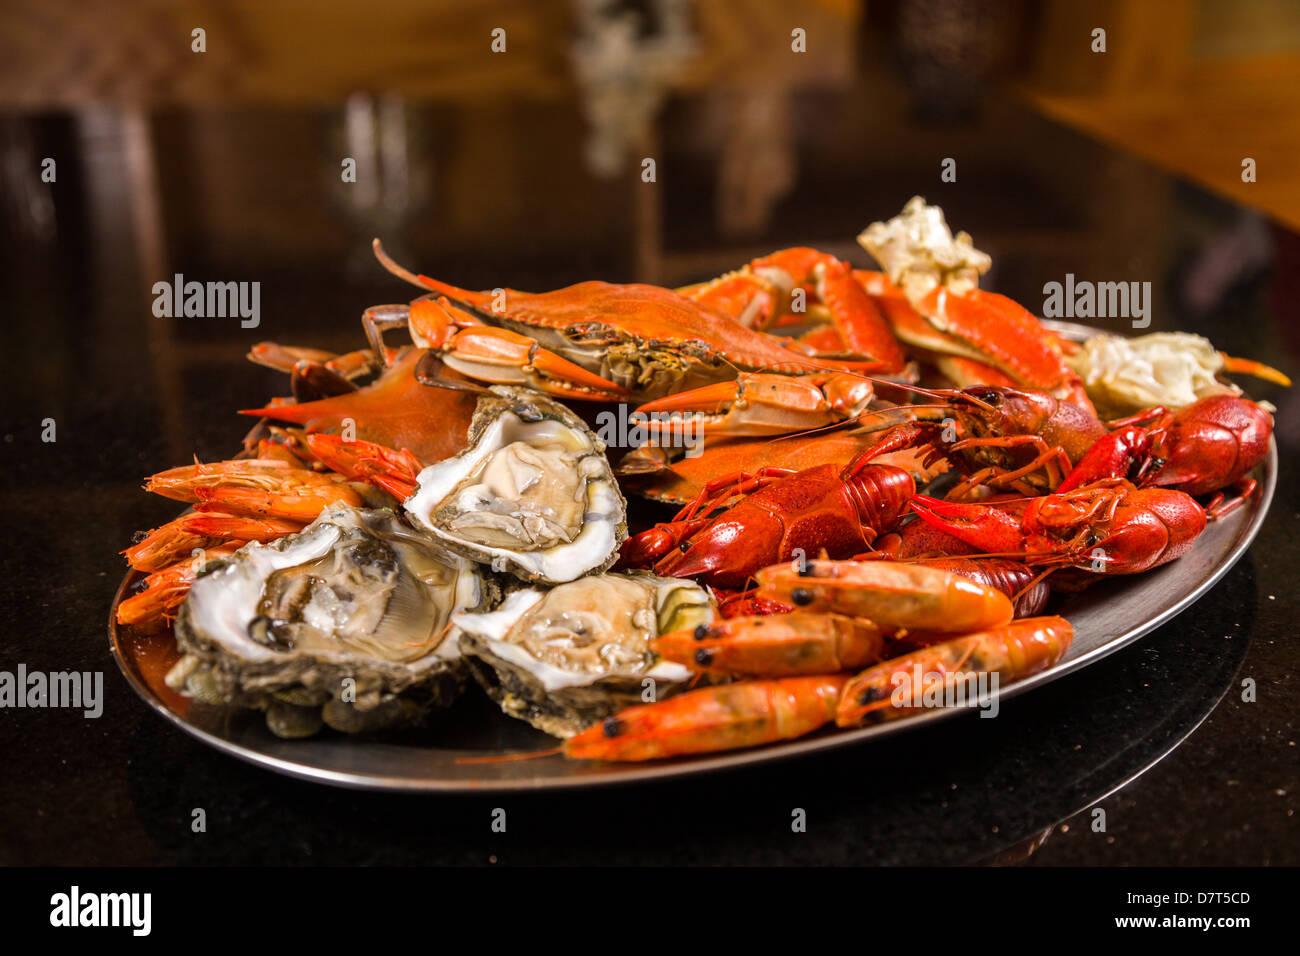 Seafood display - Stock Image